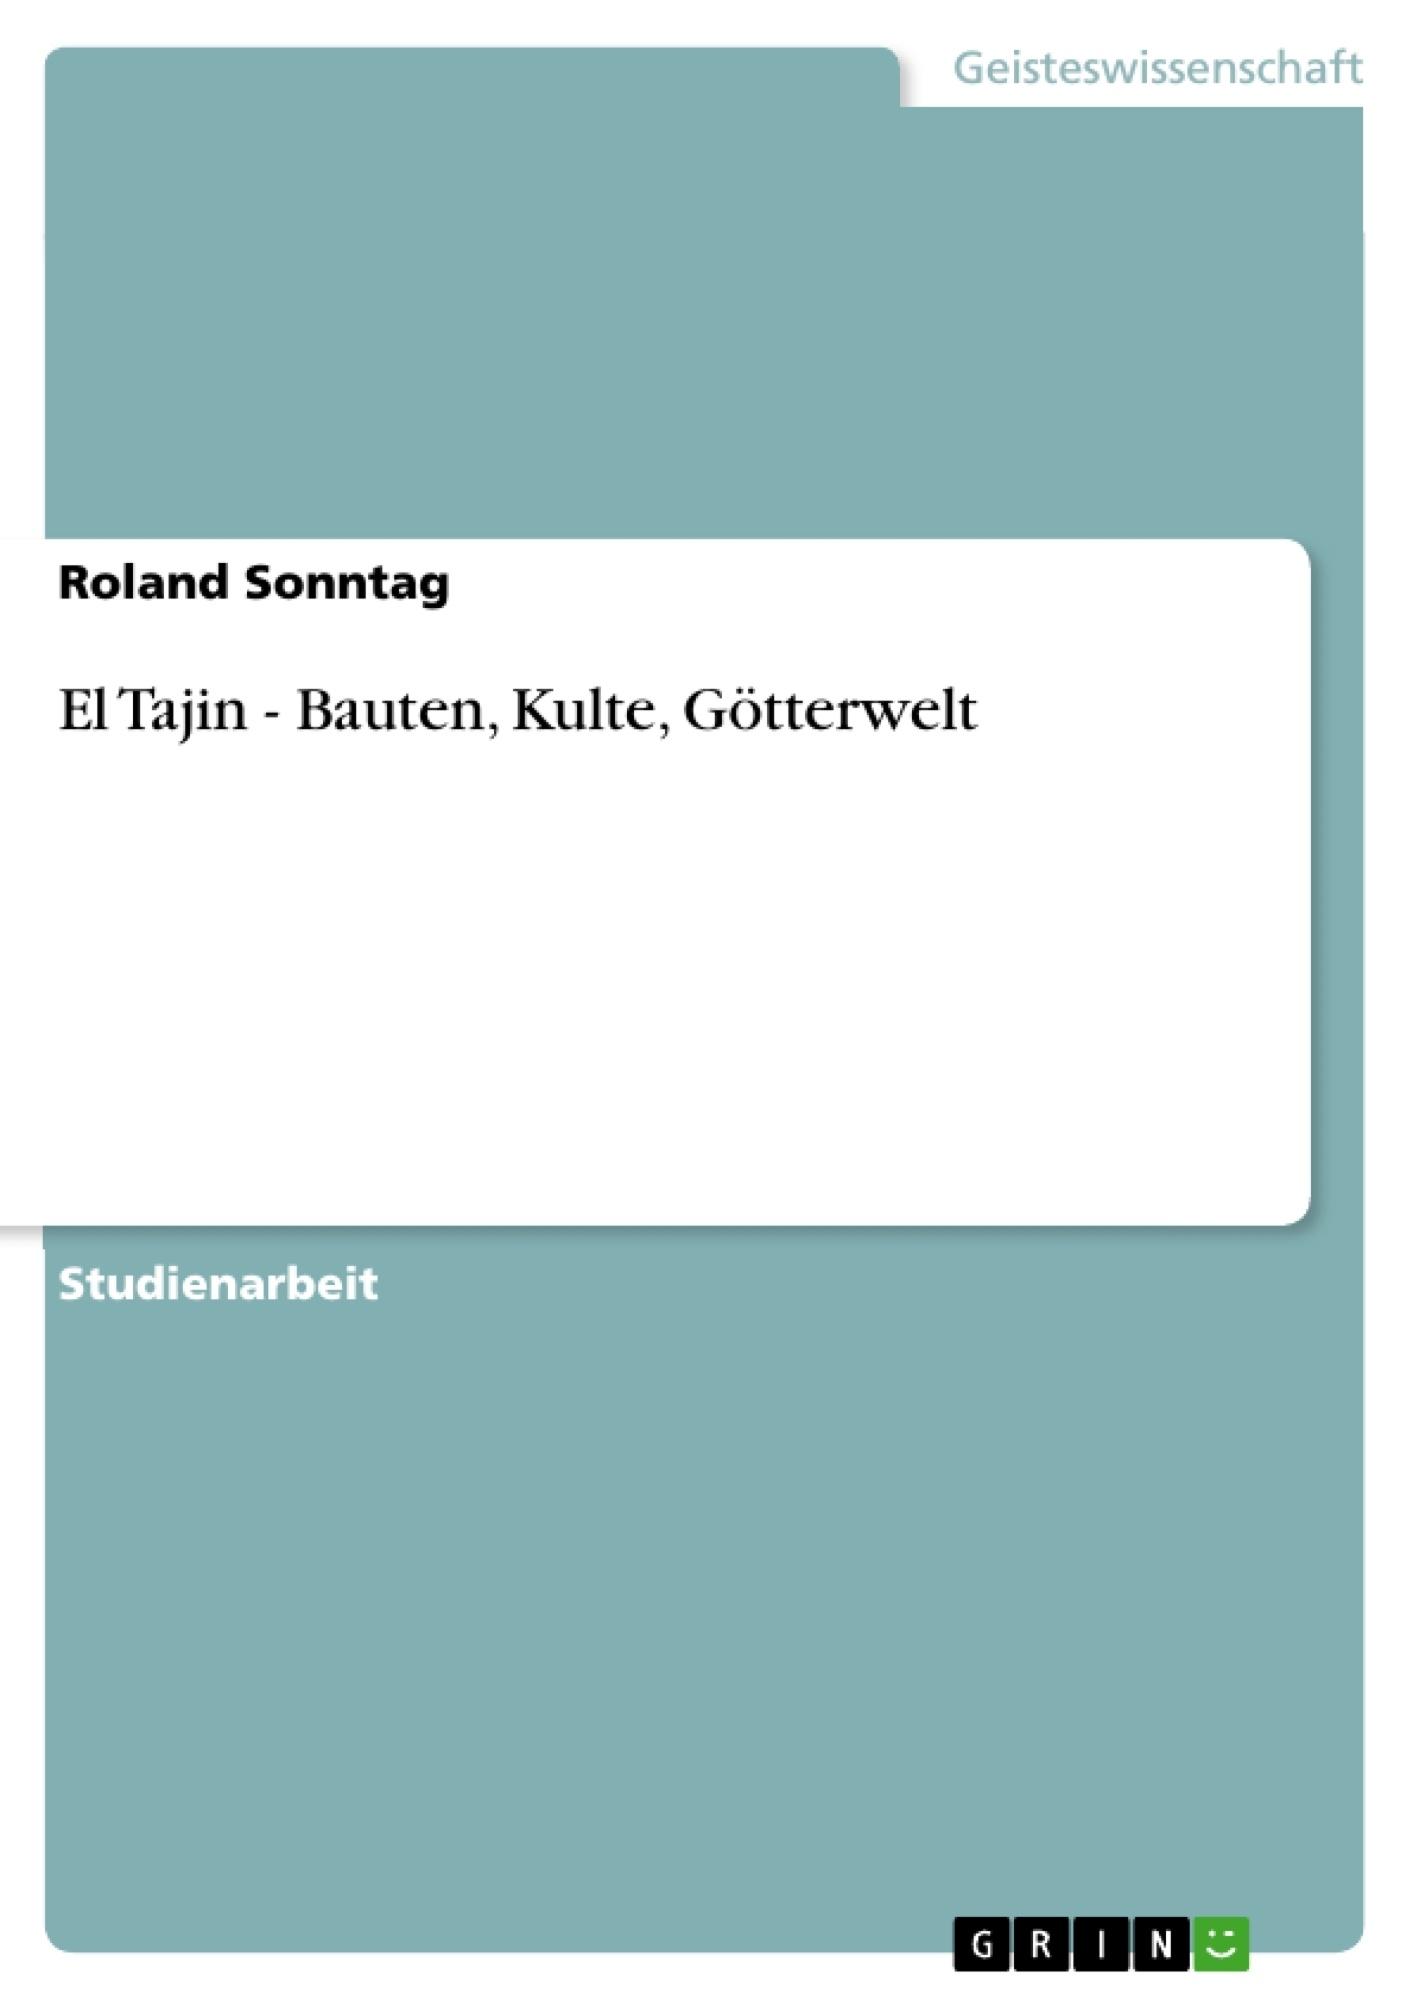 Titel: El Tajin - Bauten, Kulte, Götterwelt